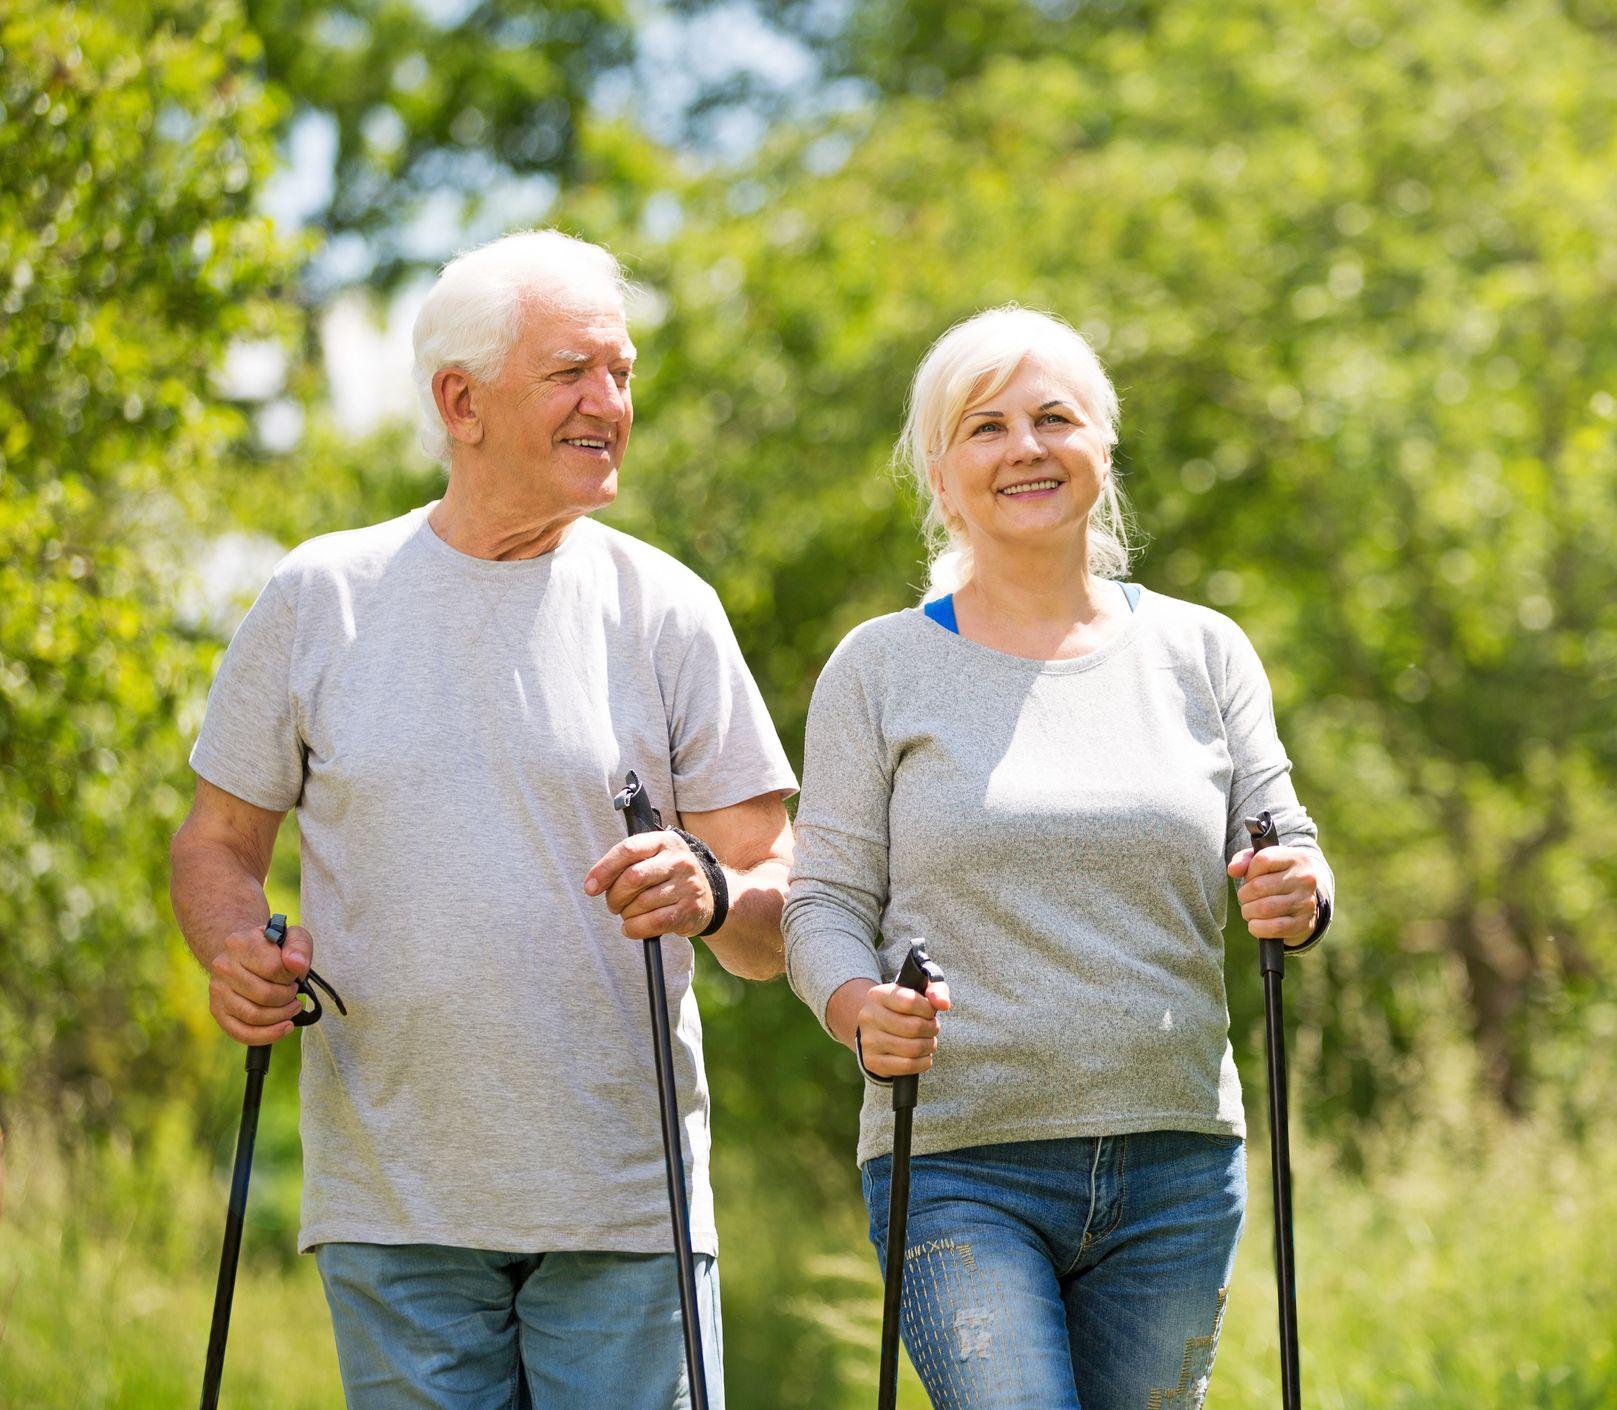 Priberajú takmer všetci ľudia: Bez vhodnej stravy a pohybu to jednoducho nejde